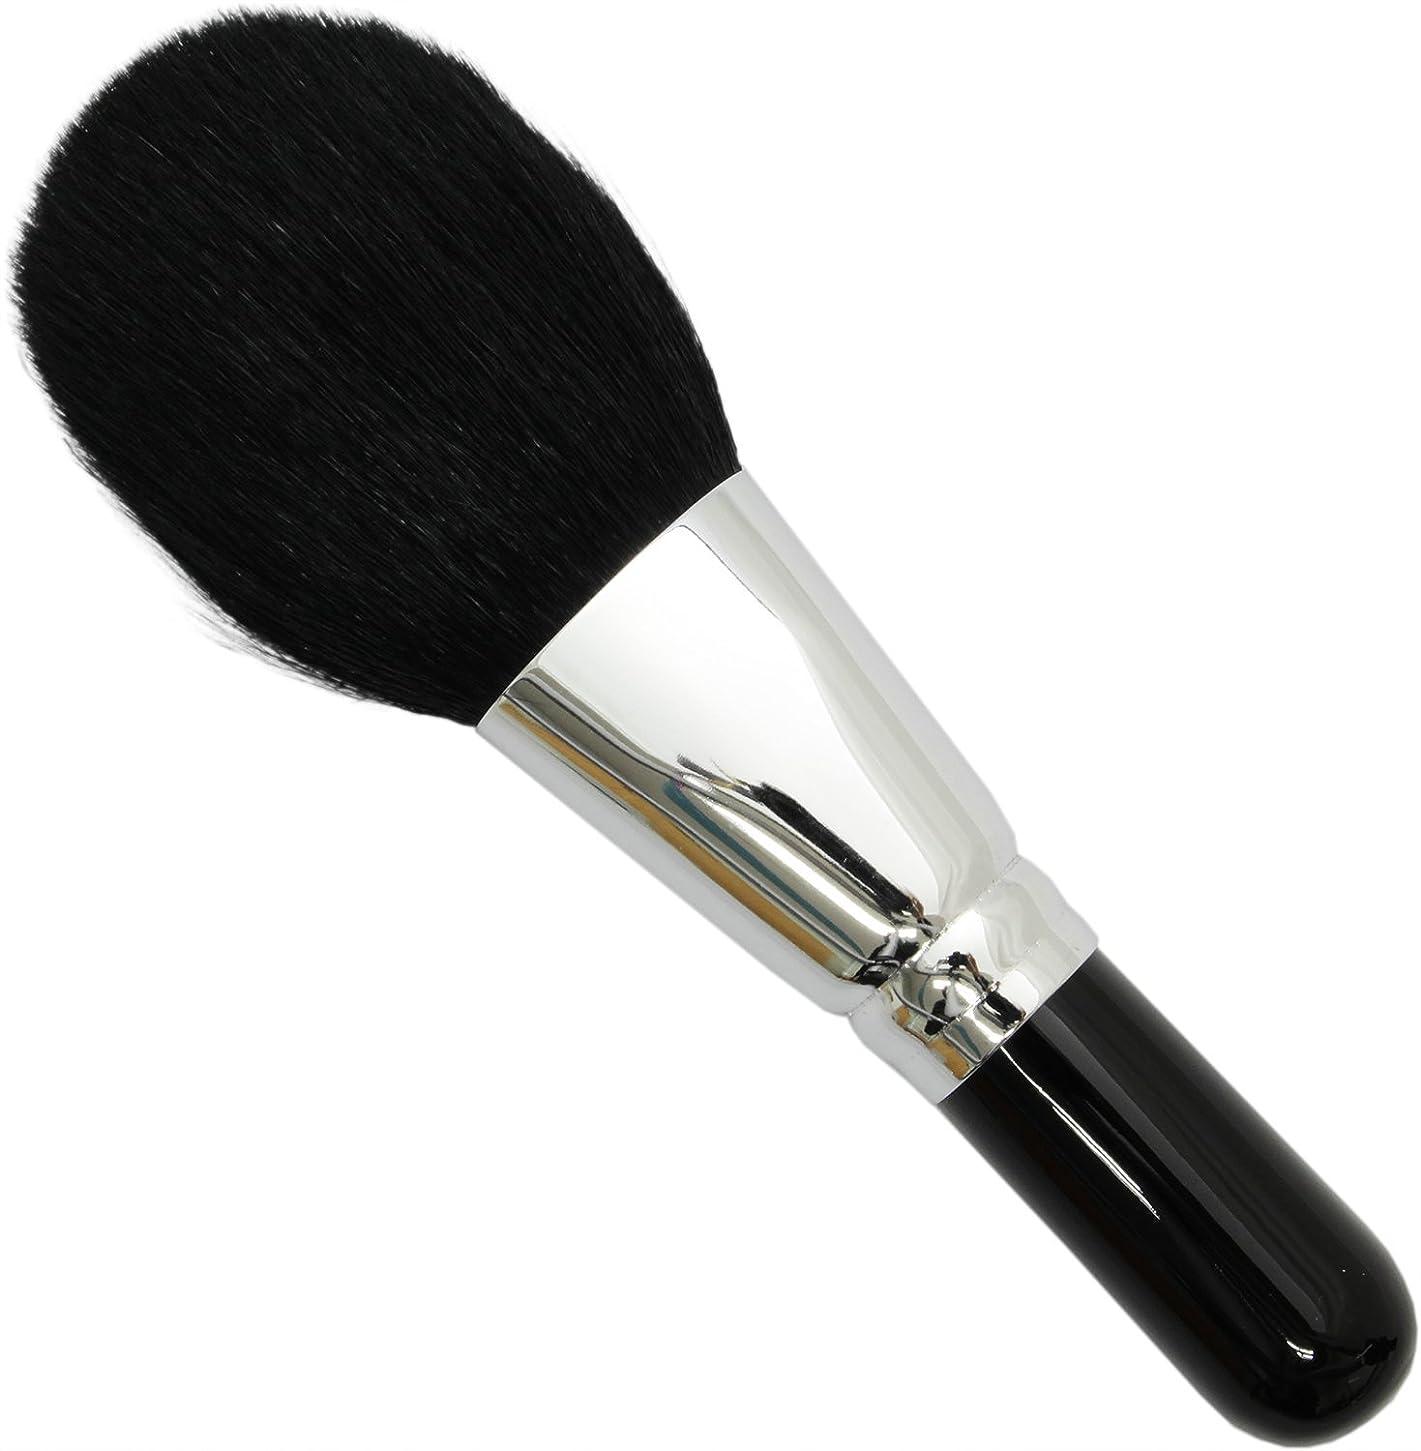 ブラウザ終わらせる満たす熊野筆 メイクブラシ SRシリーズ フェイスブラシ 山羊毛